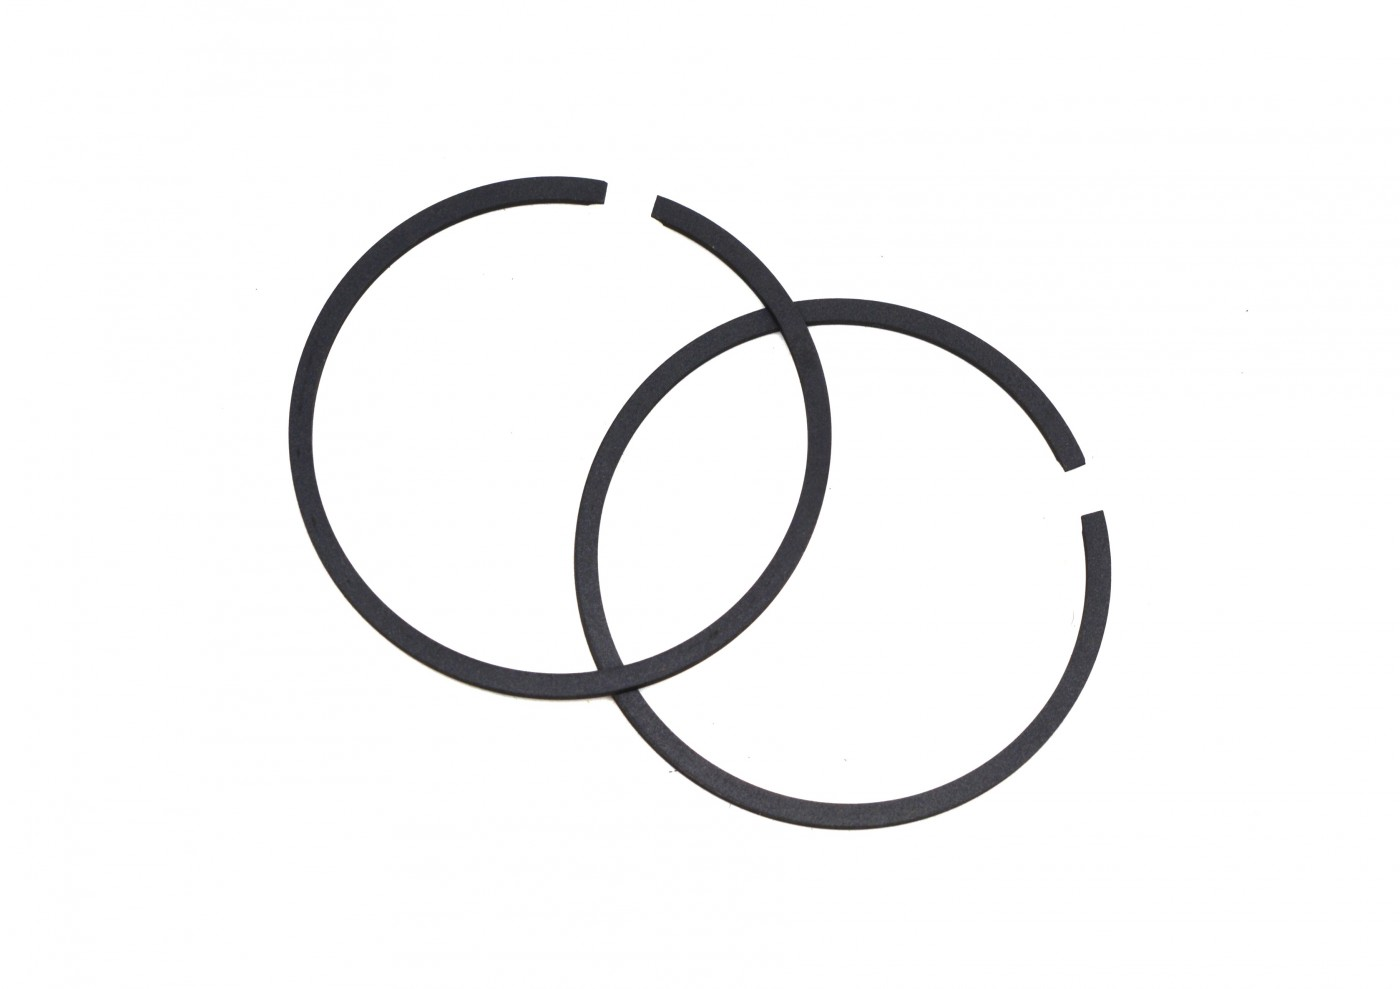 Suprava piestnych krúžkov - 42 mm